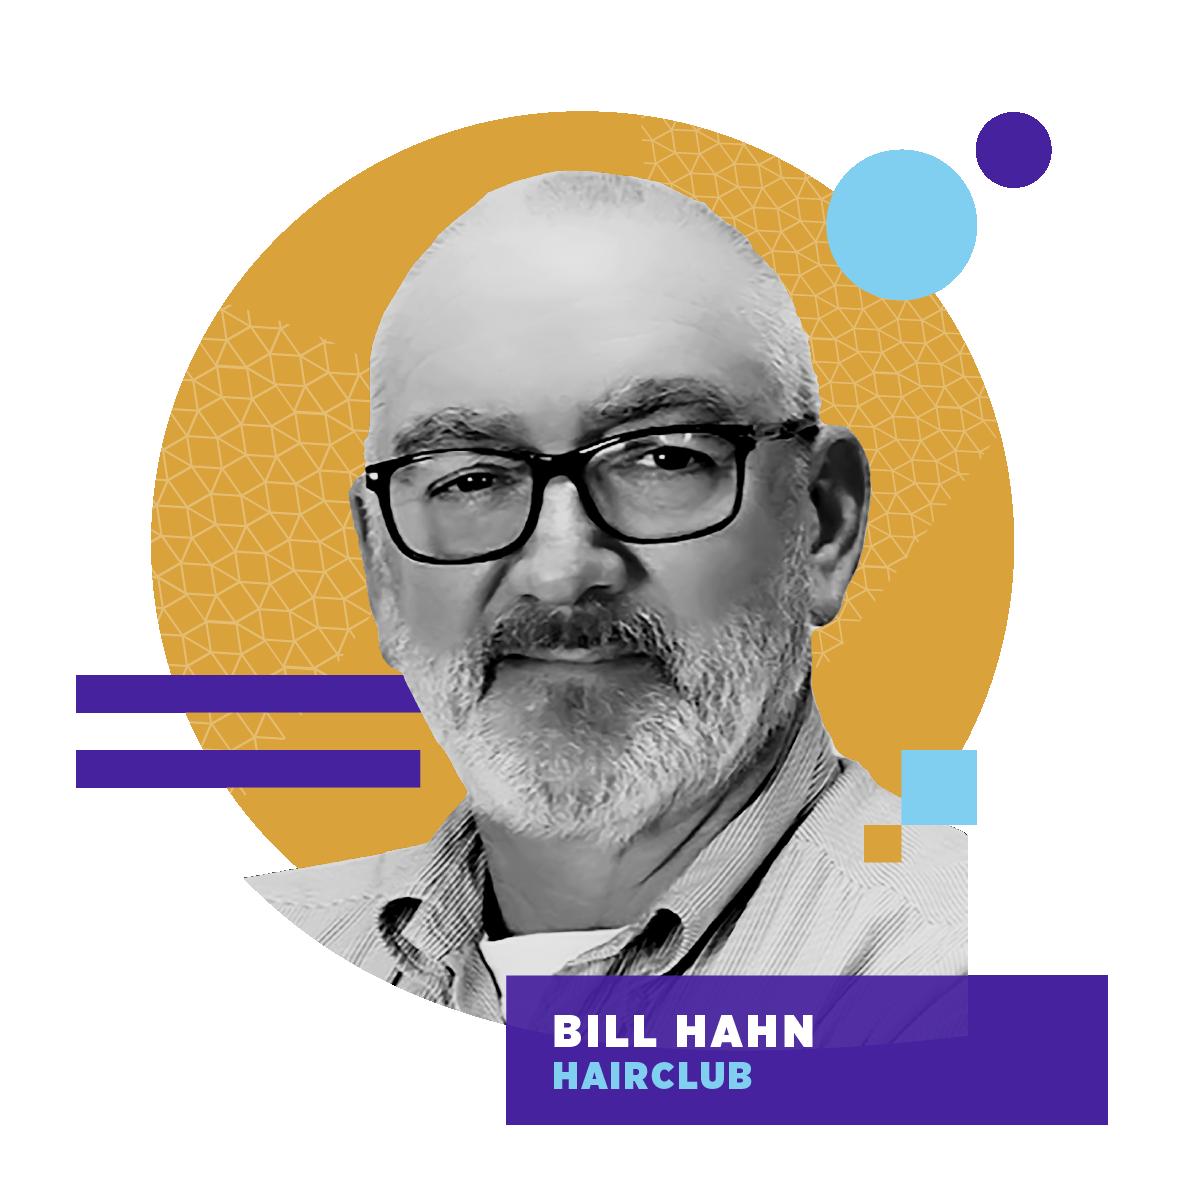 Bill Hahn